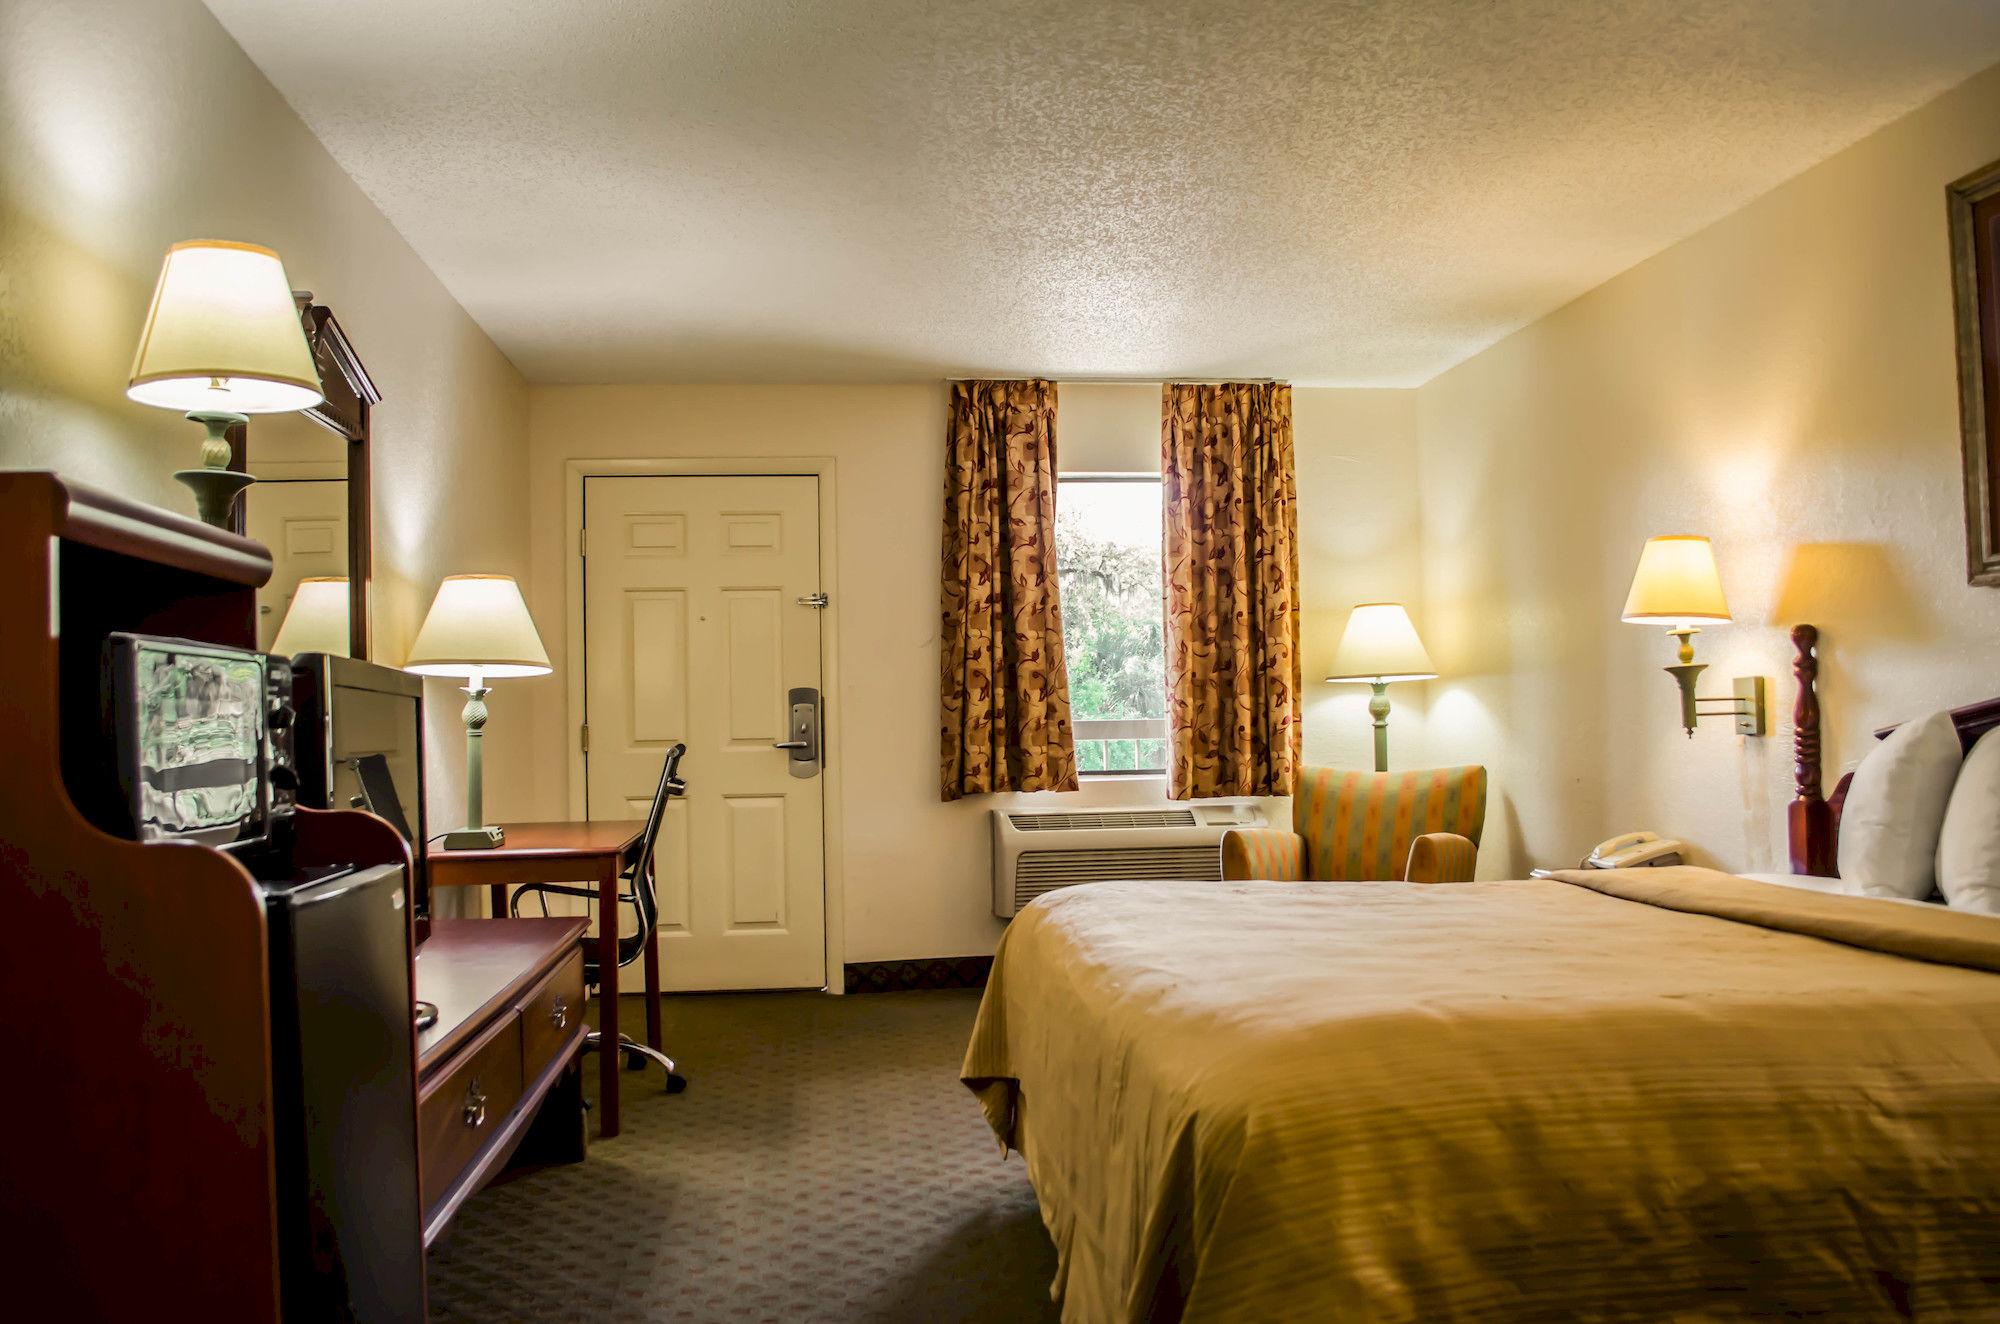 Quality Inn in Crystal River, FL